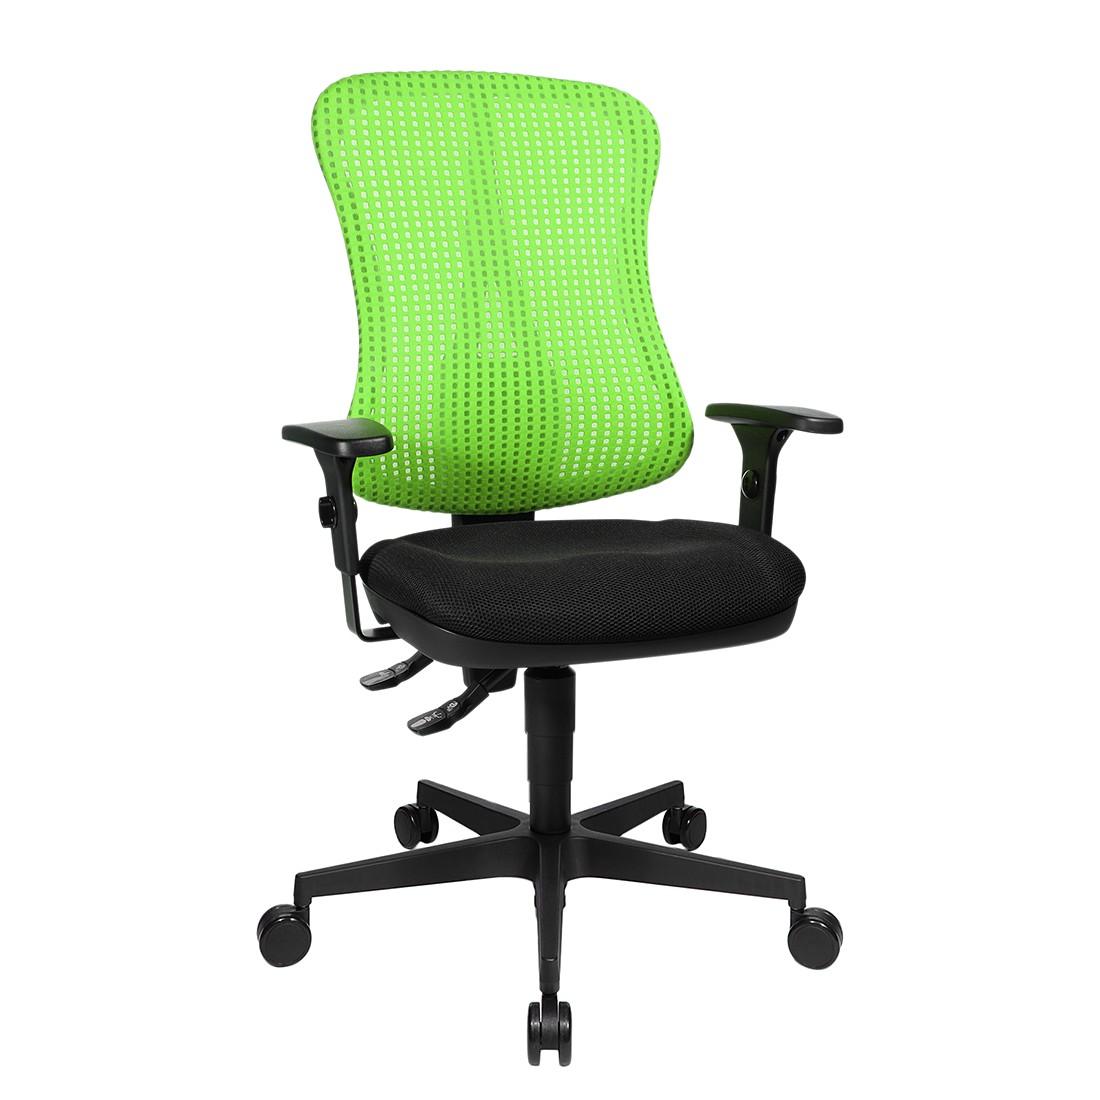 Bürodrehstuhl Head Point – Höhenverstellbare Armlehnen – Ohne Kopfstütze – Grün / Schwarz, Topstar günstig